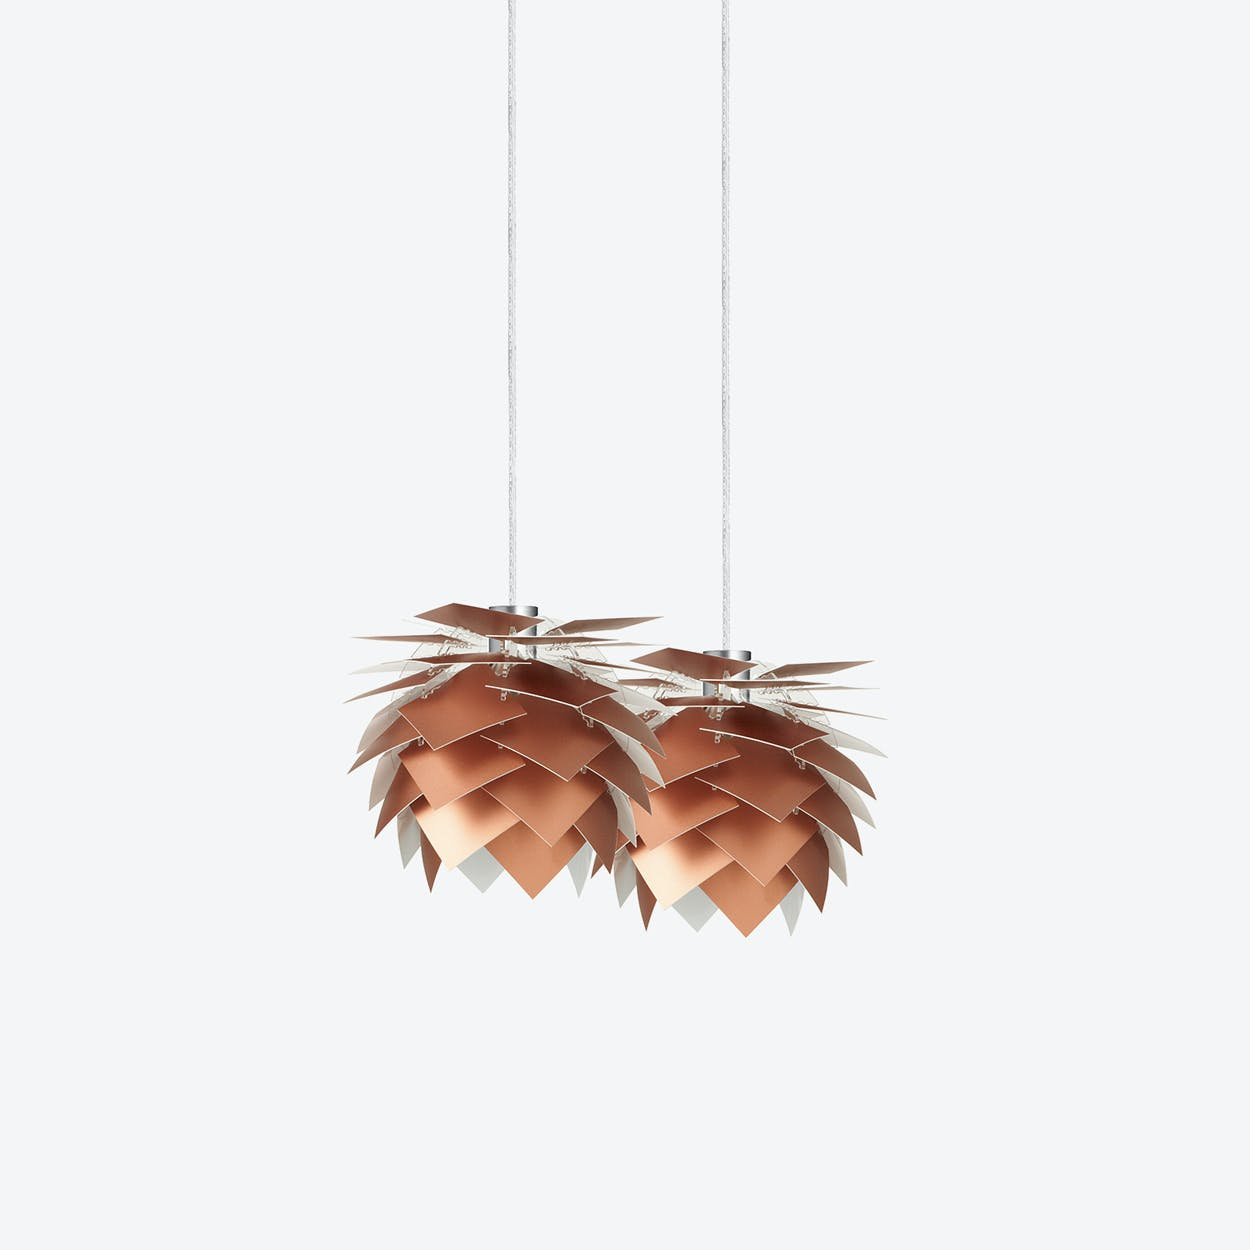 XS PineApple Set of Pendants in Copper Look